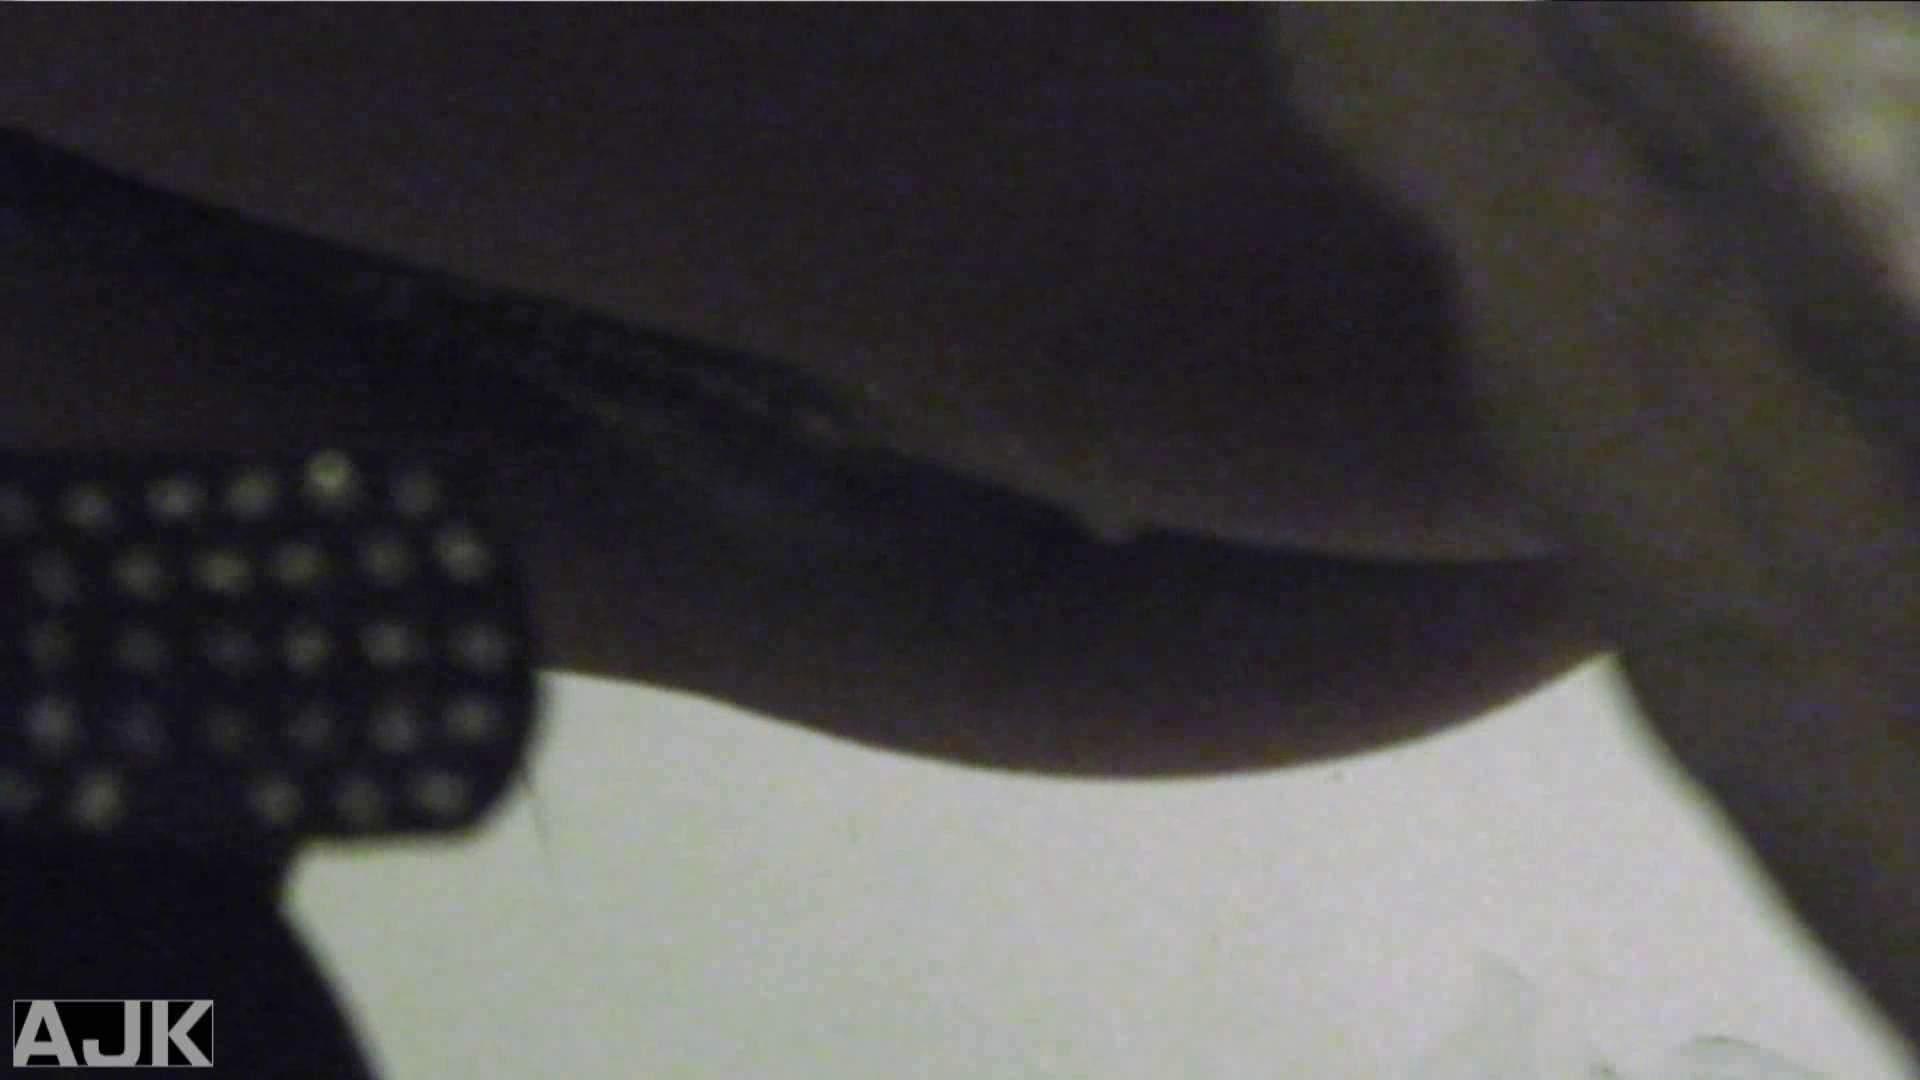 隣国上階級エリアの令嬢たちが集うデパートお手洗い Vol.30 エロいお嬢様 セックス無修正動画無料 92画像 7